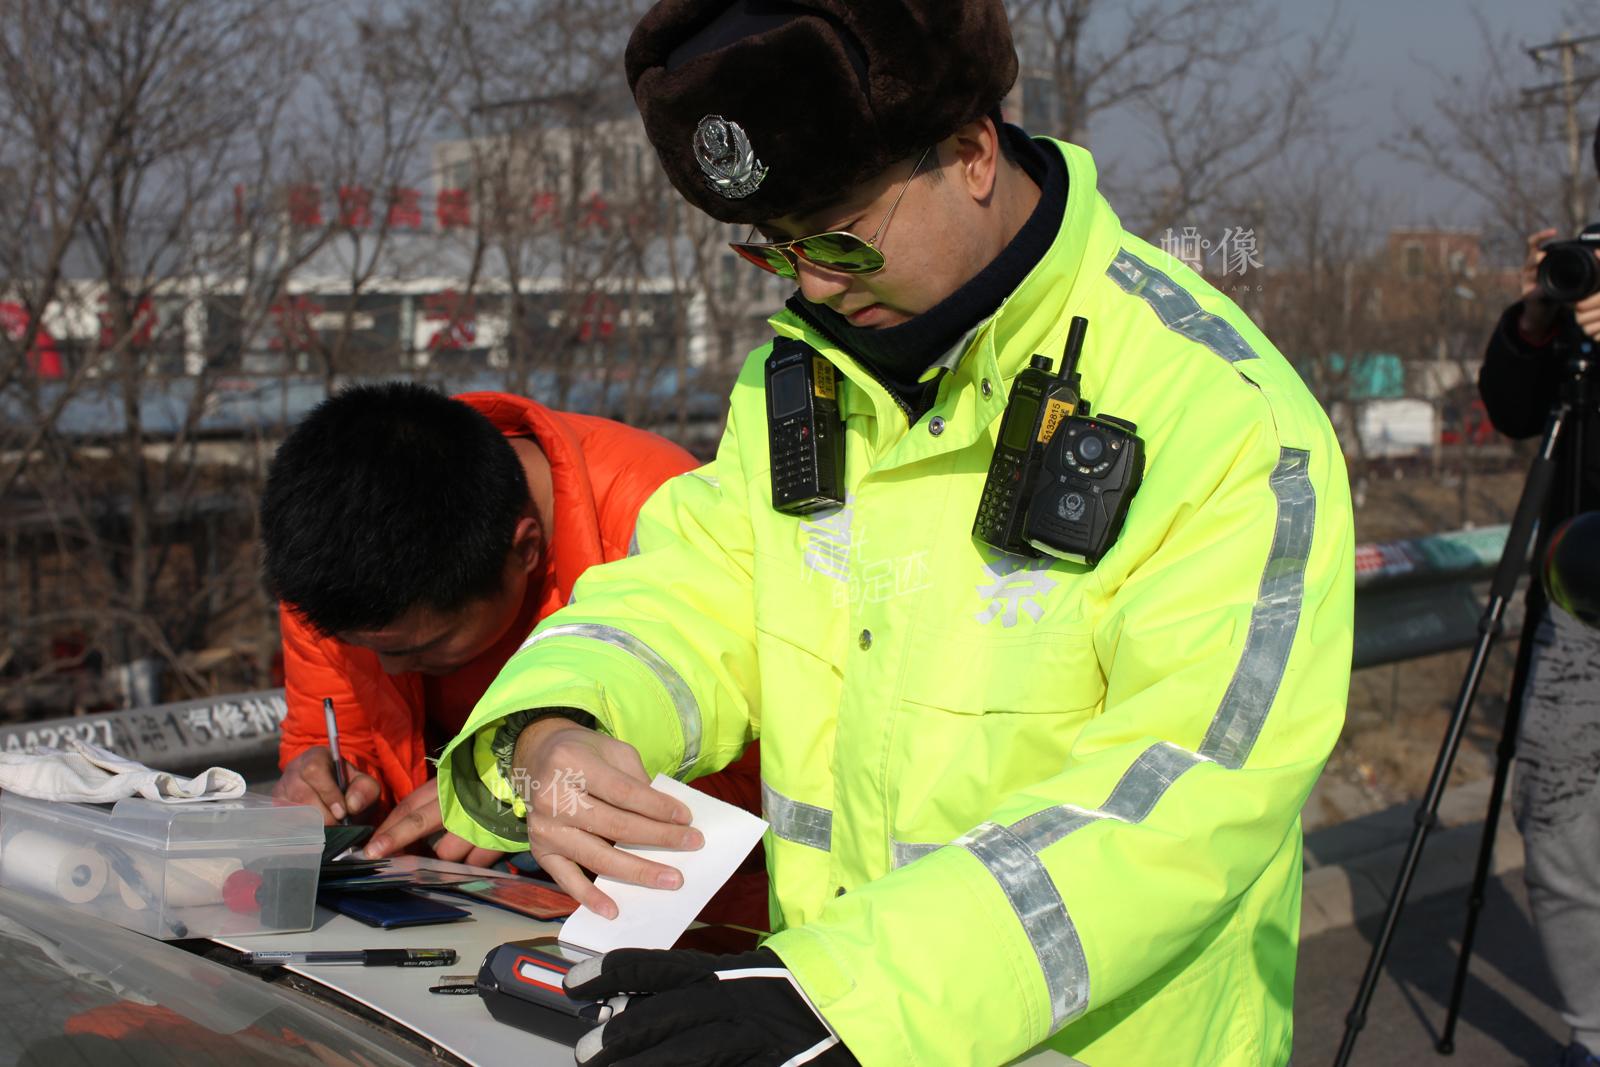 2017年2月27日,违法闯禁行货车司机在签字接受交警开出的罚单。中国网记者 赵超 摄